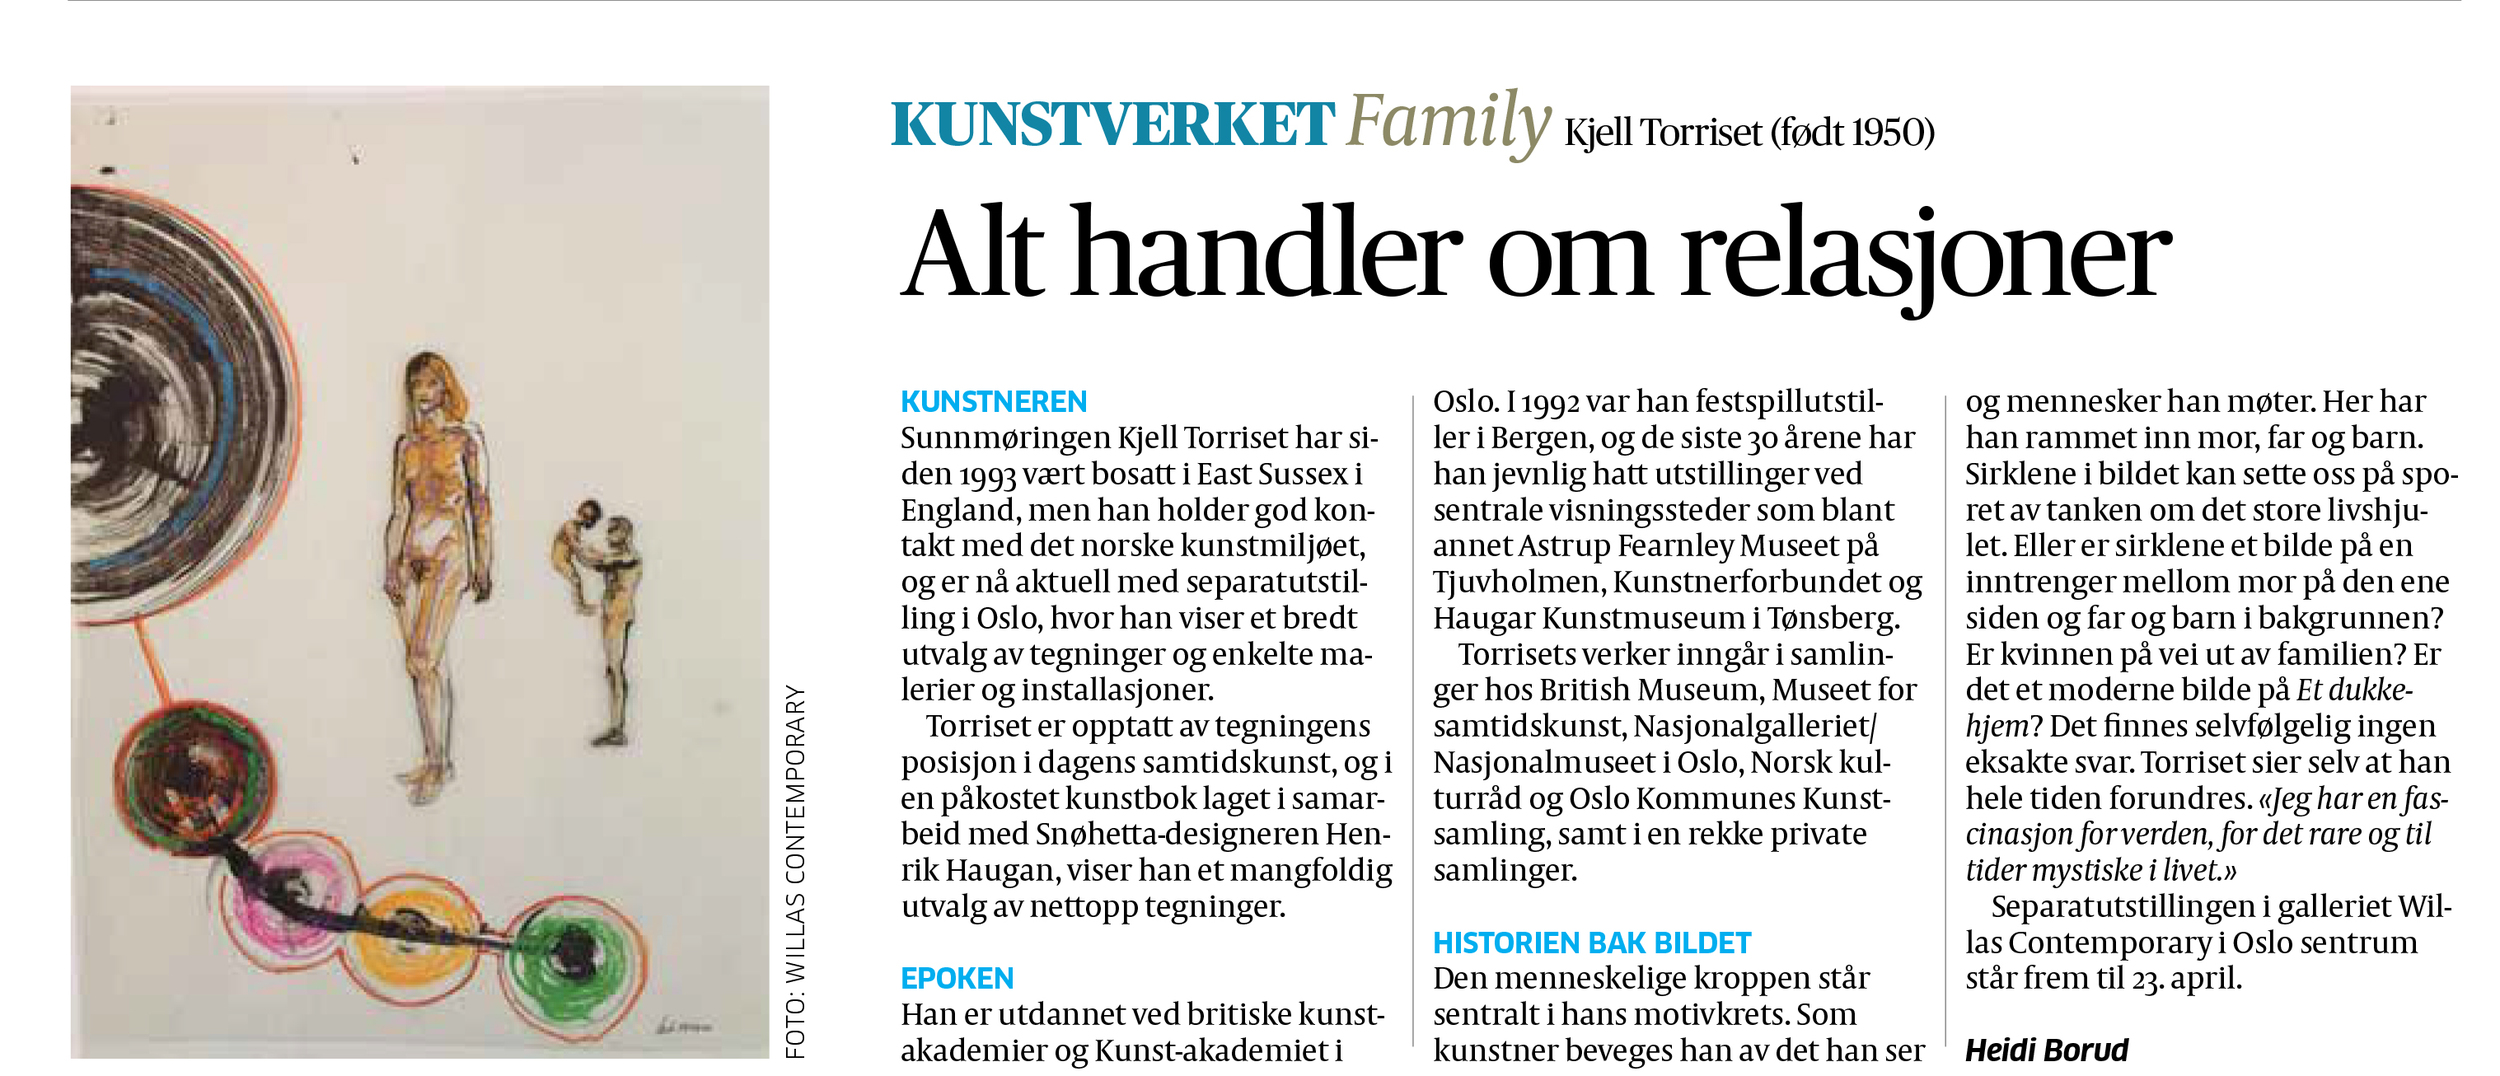 Kjell Torriset in Aftenposten